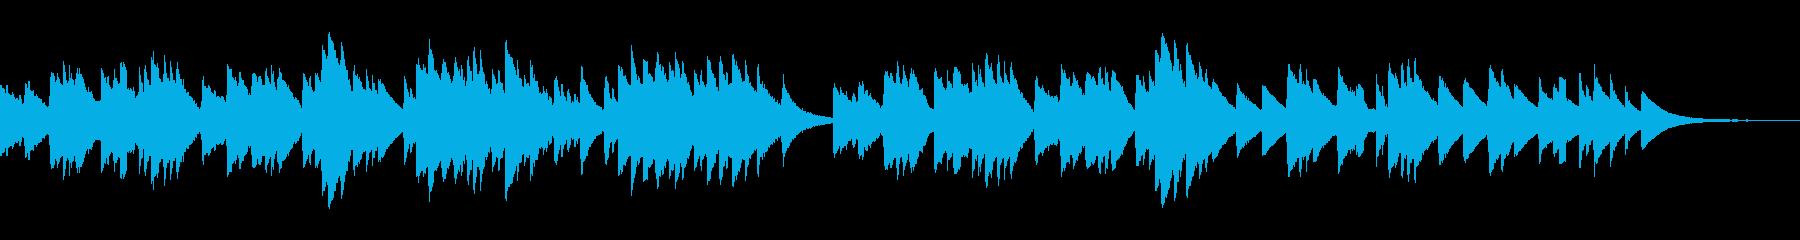 「ほたるこい」しっとり切ないオルゴールの再生済みの波形